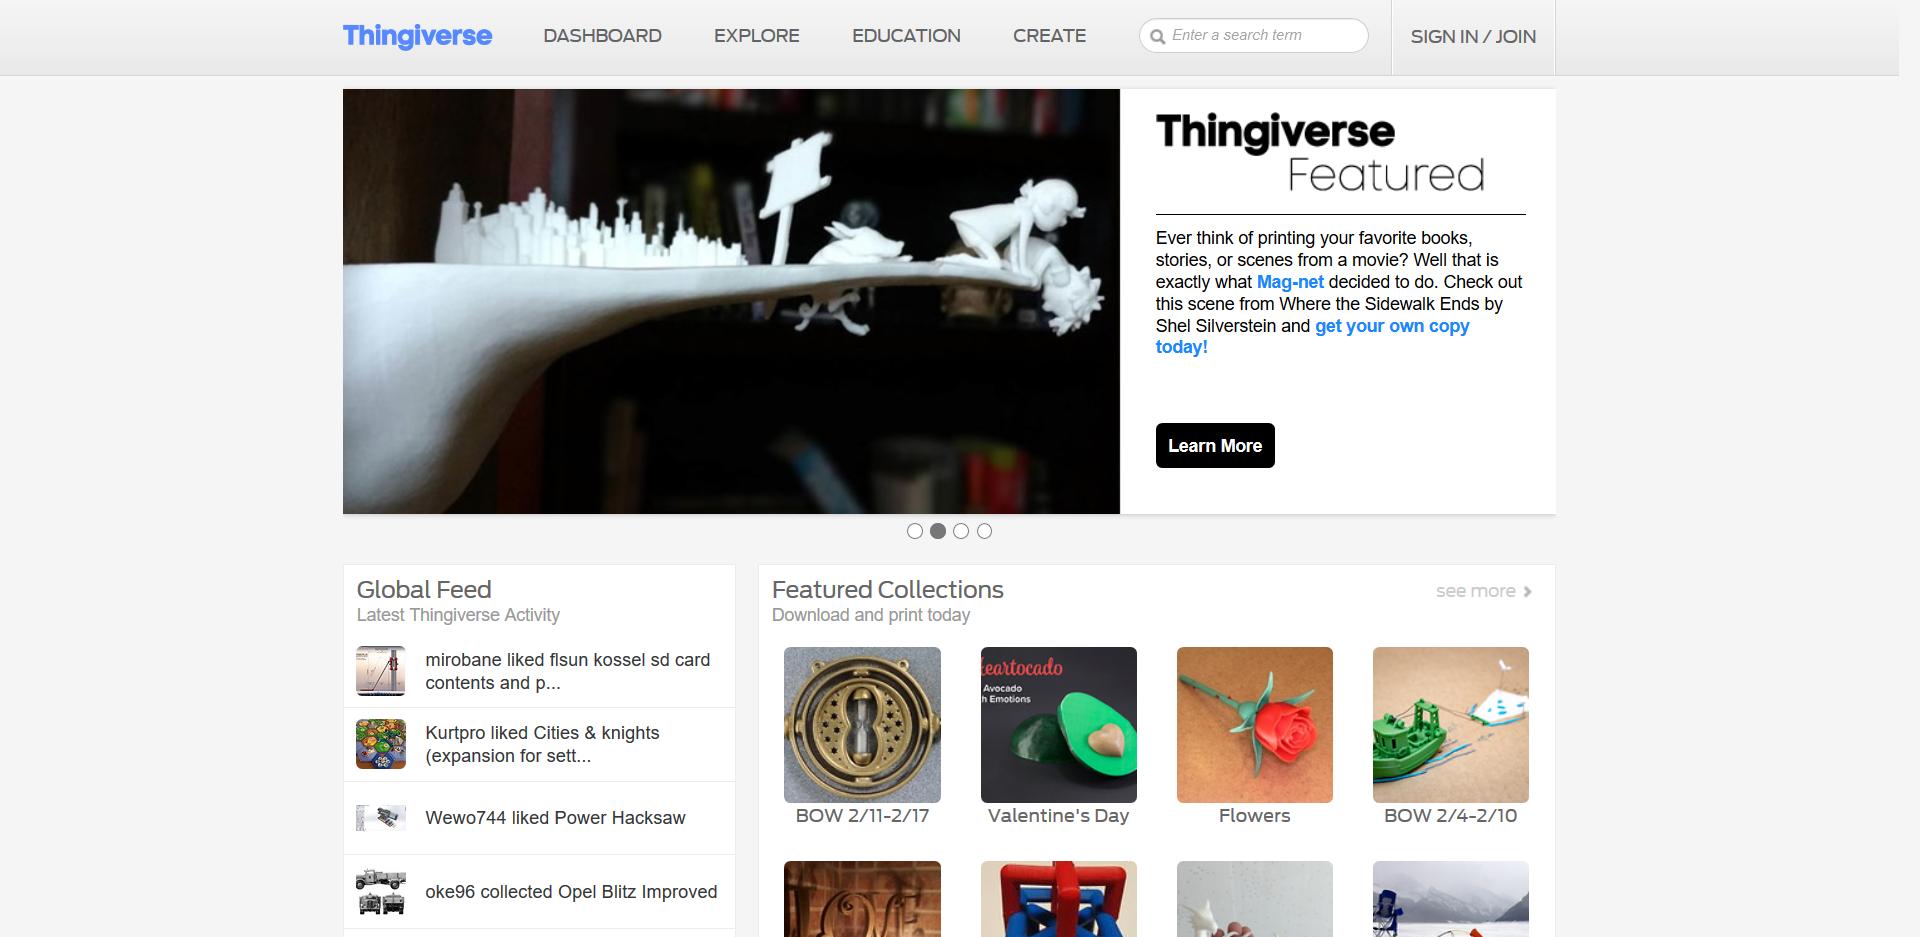 Startseite der Thingiverse 3D Drucker Vorlagen Seite